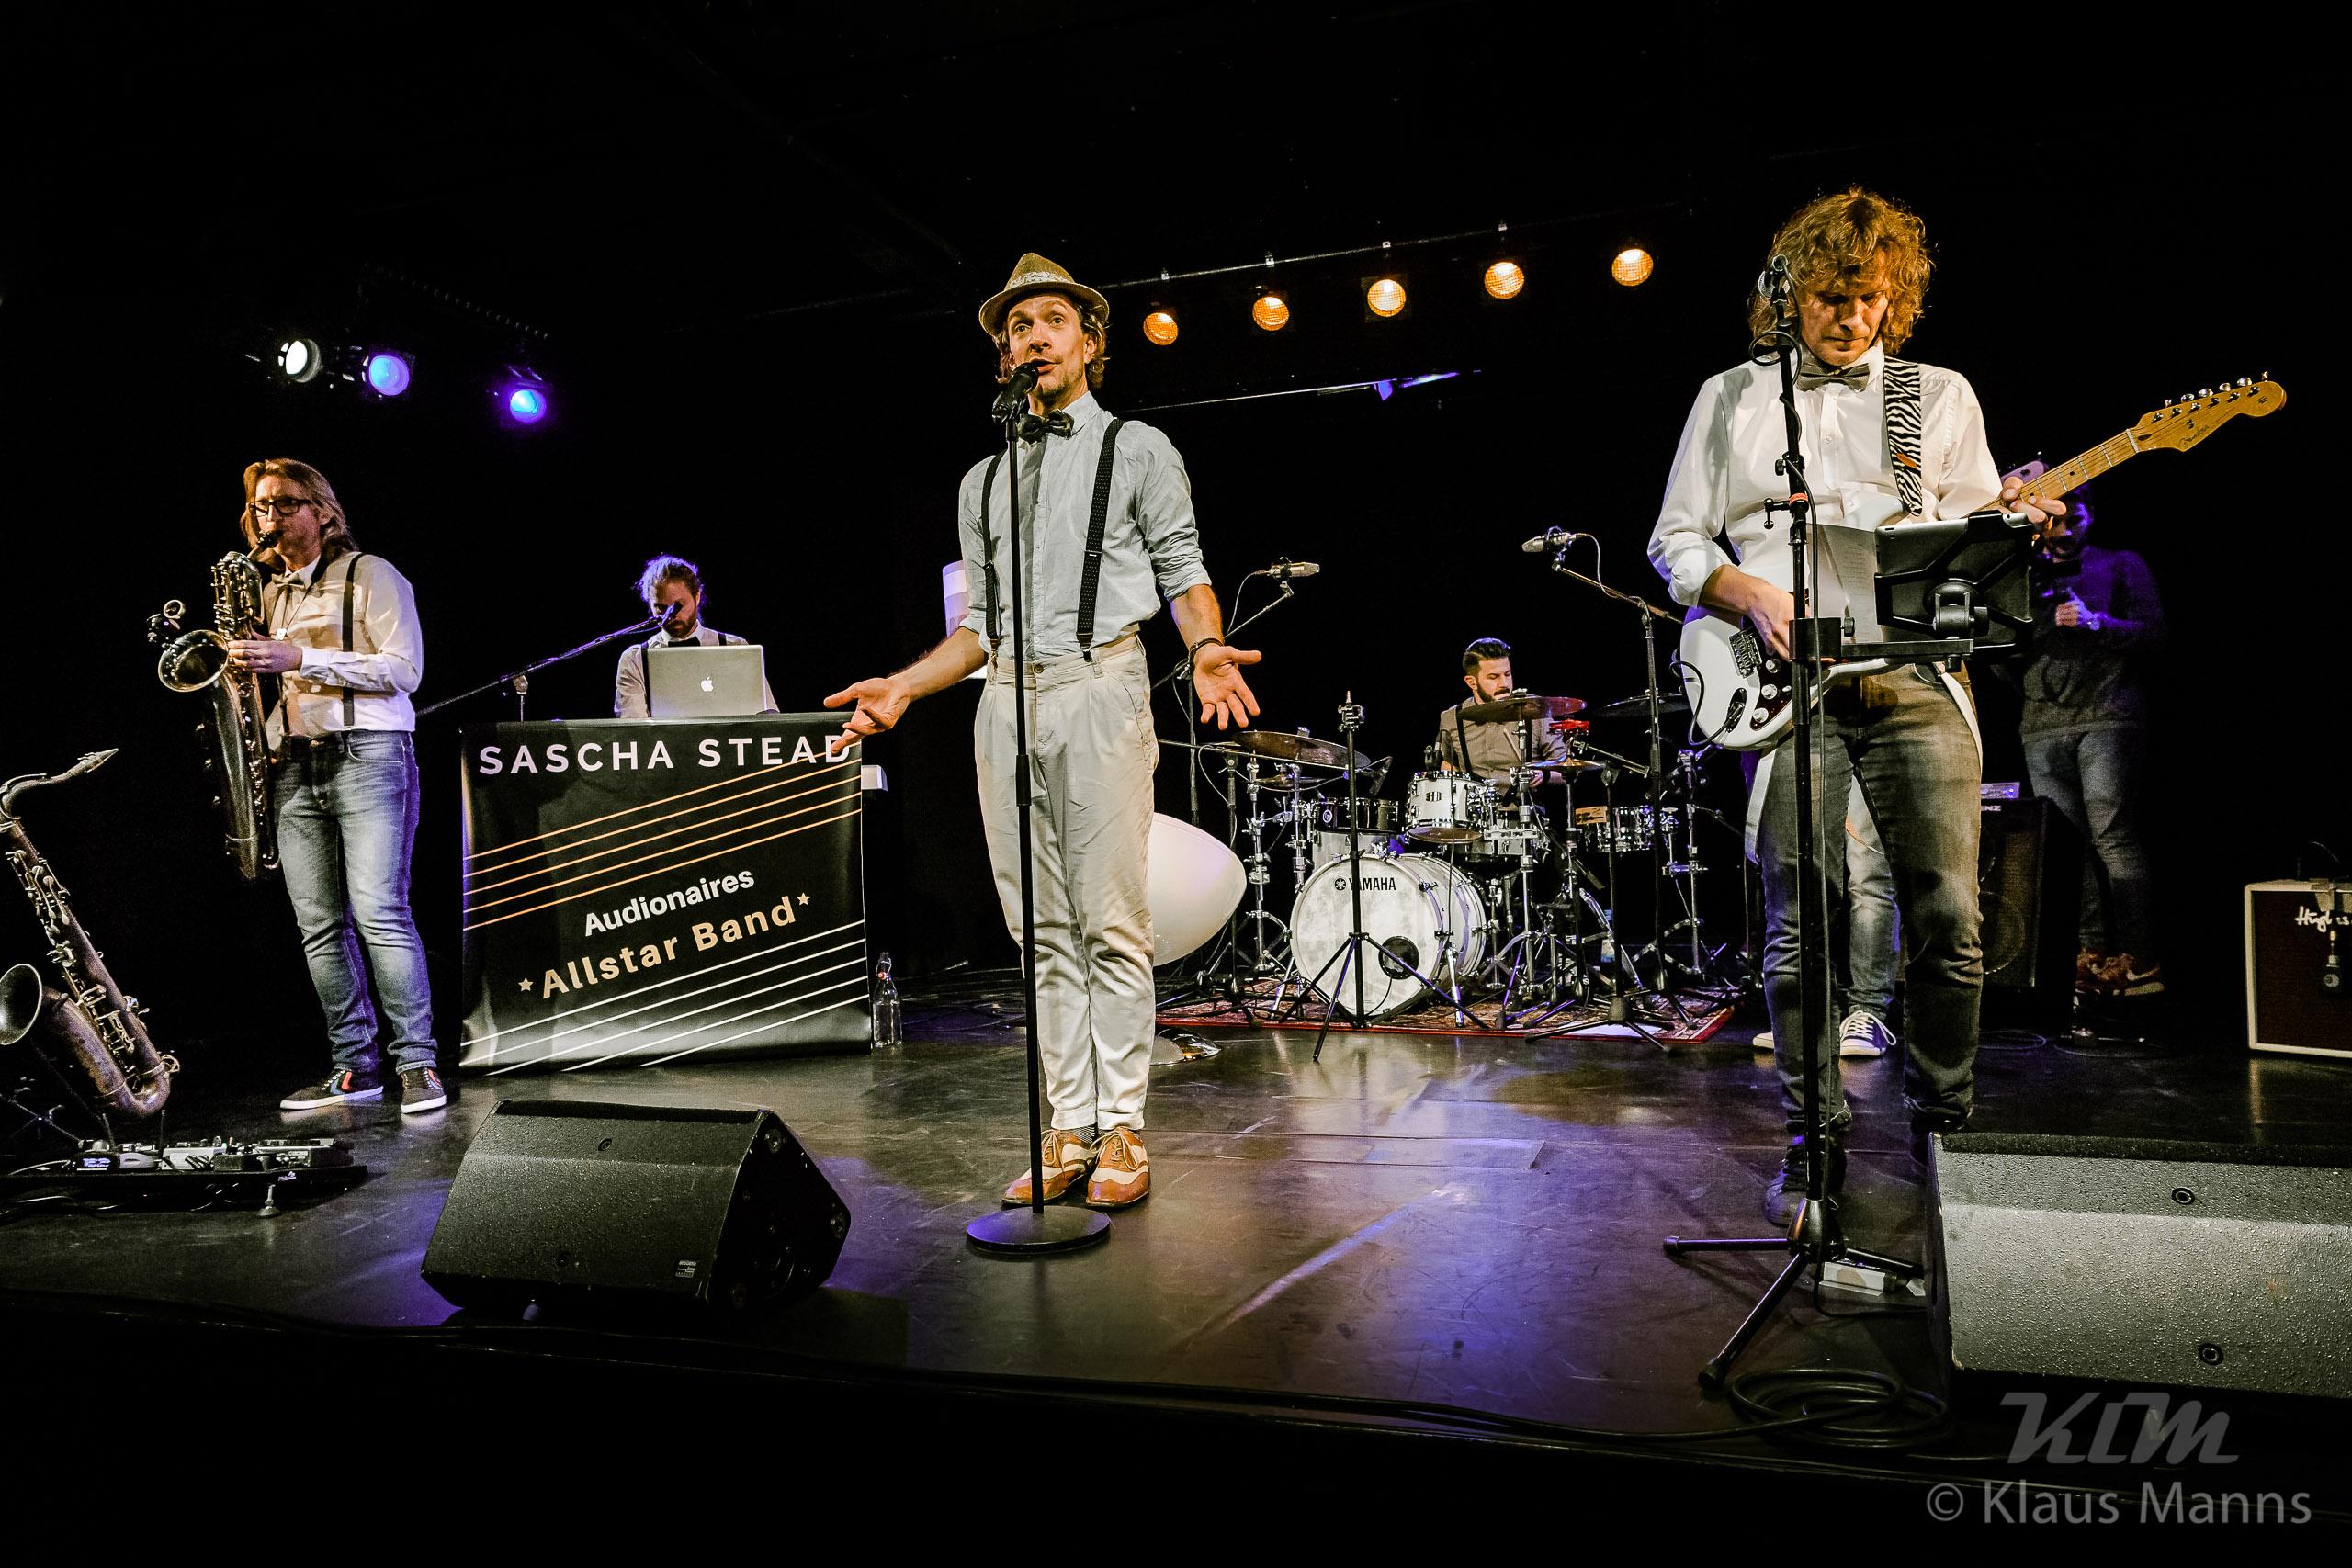 Sascha_Stead___Die_Audionaires_Allstar_Band_-_Gedankenkarussell_live_-_Klaus-Manns_KlM_2560px_094